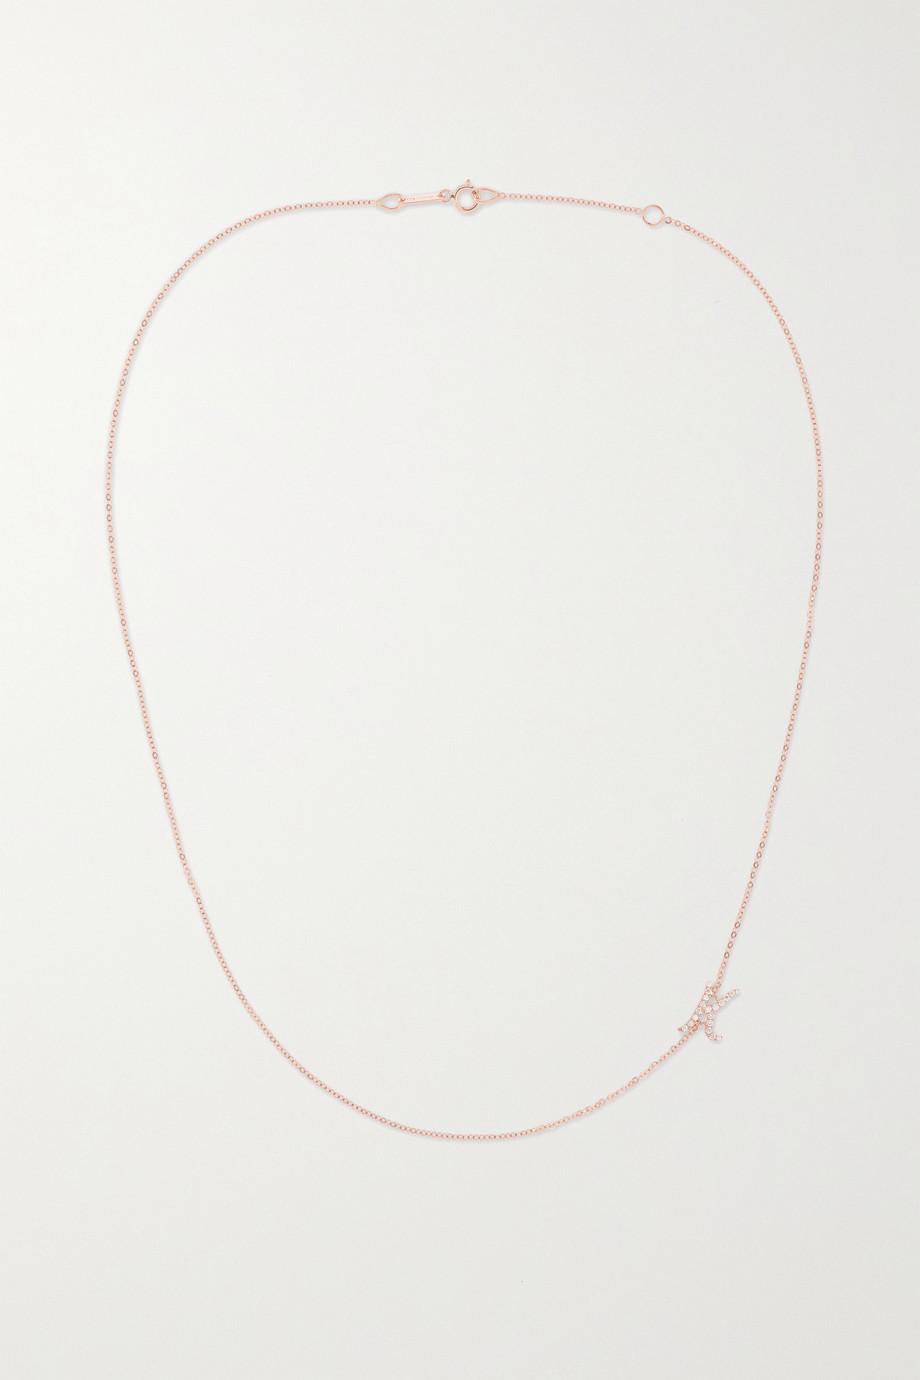 Anita Ko Collier en or rose 18 carats (750/1000) et diamants Initial